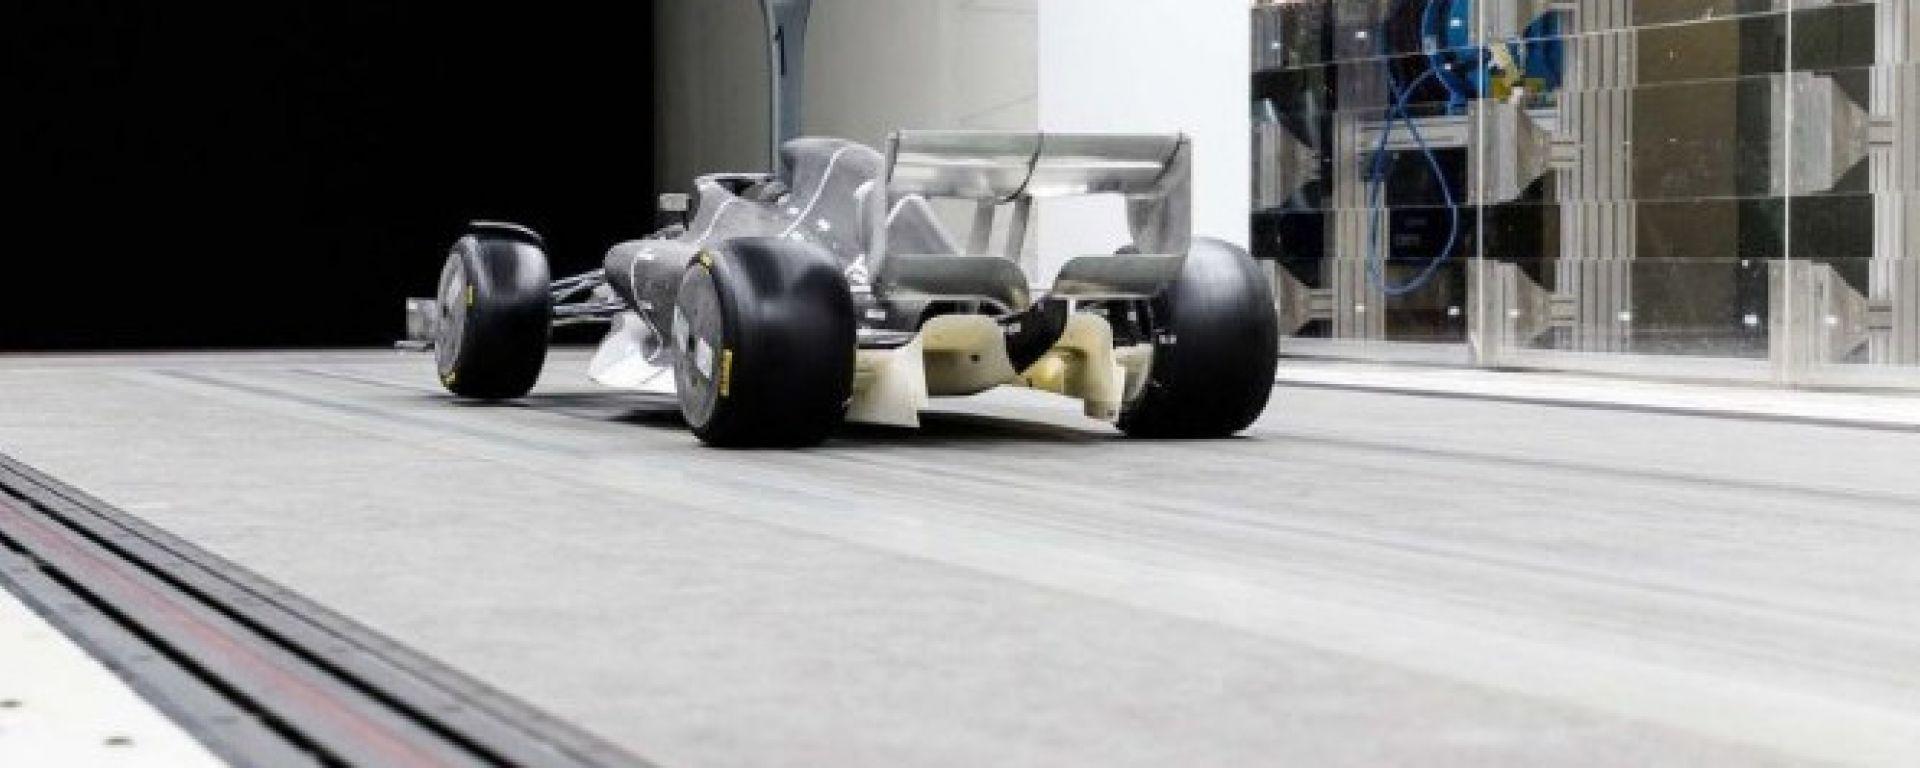 F1: prime foto e video di una monoposto 2021